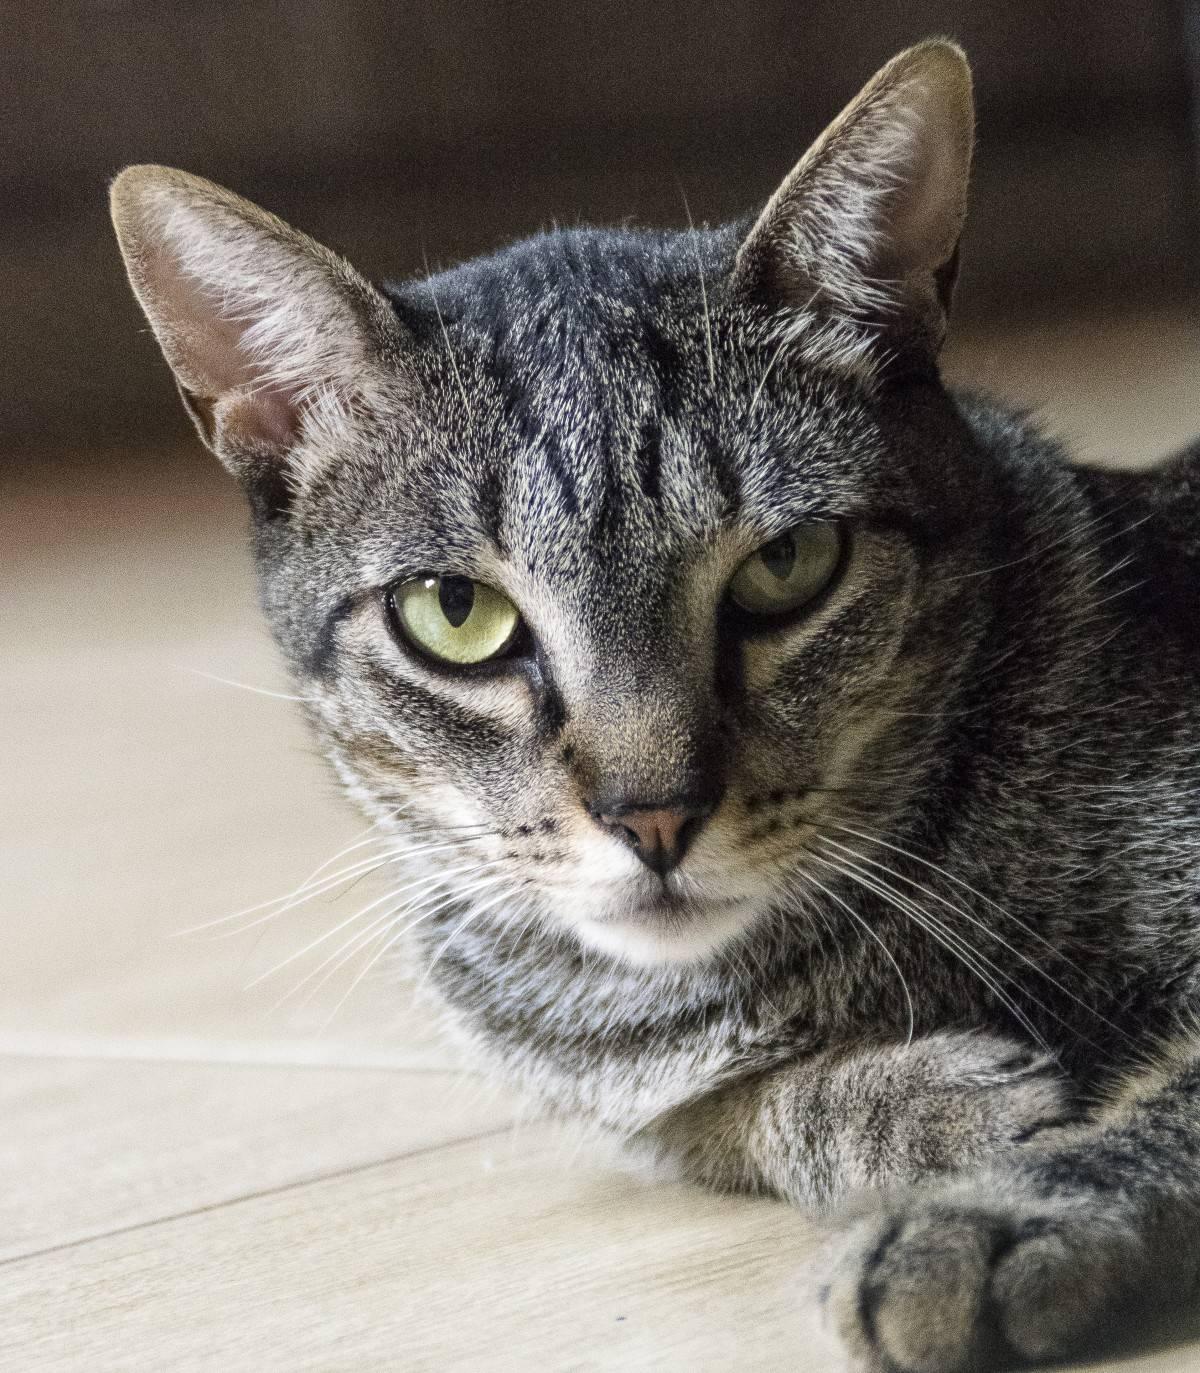 Дымчатый окрас кошек: подробное описание, у каких пород встречается, фото серых котов